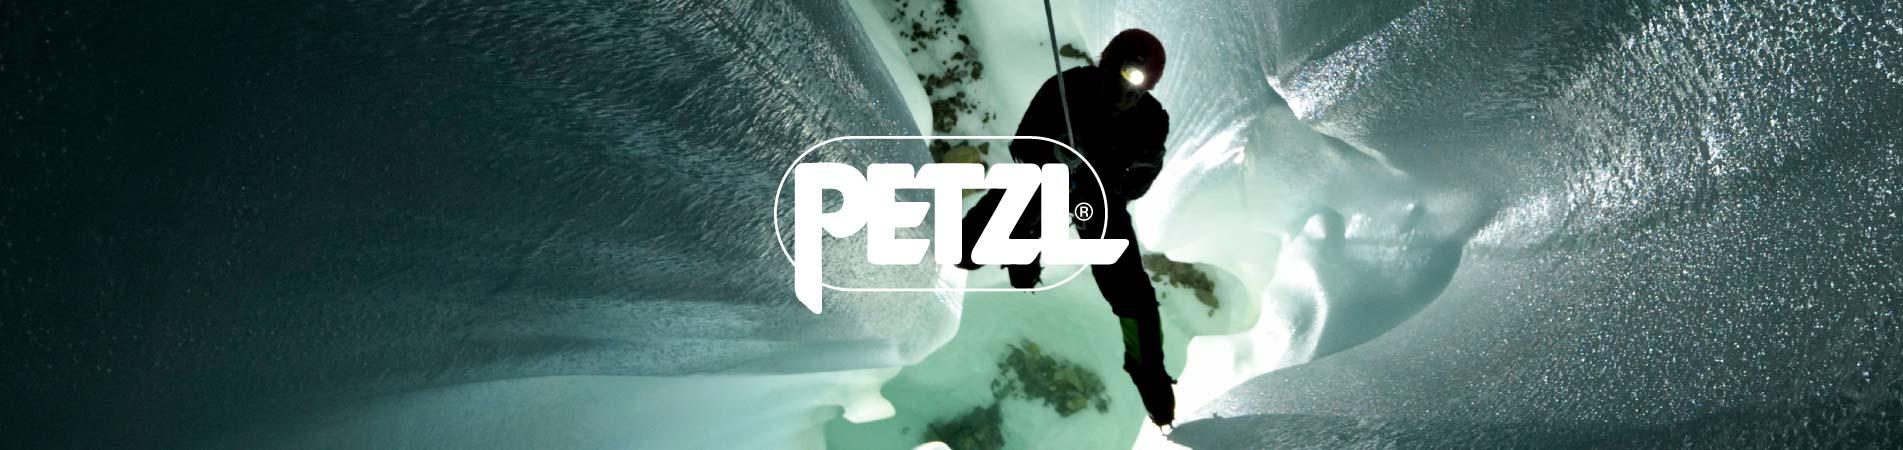 petzl-brand-banner-v1r0.jpg